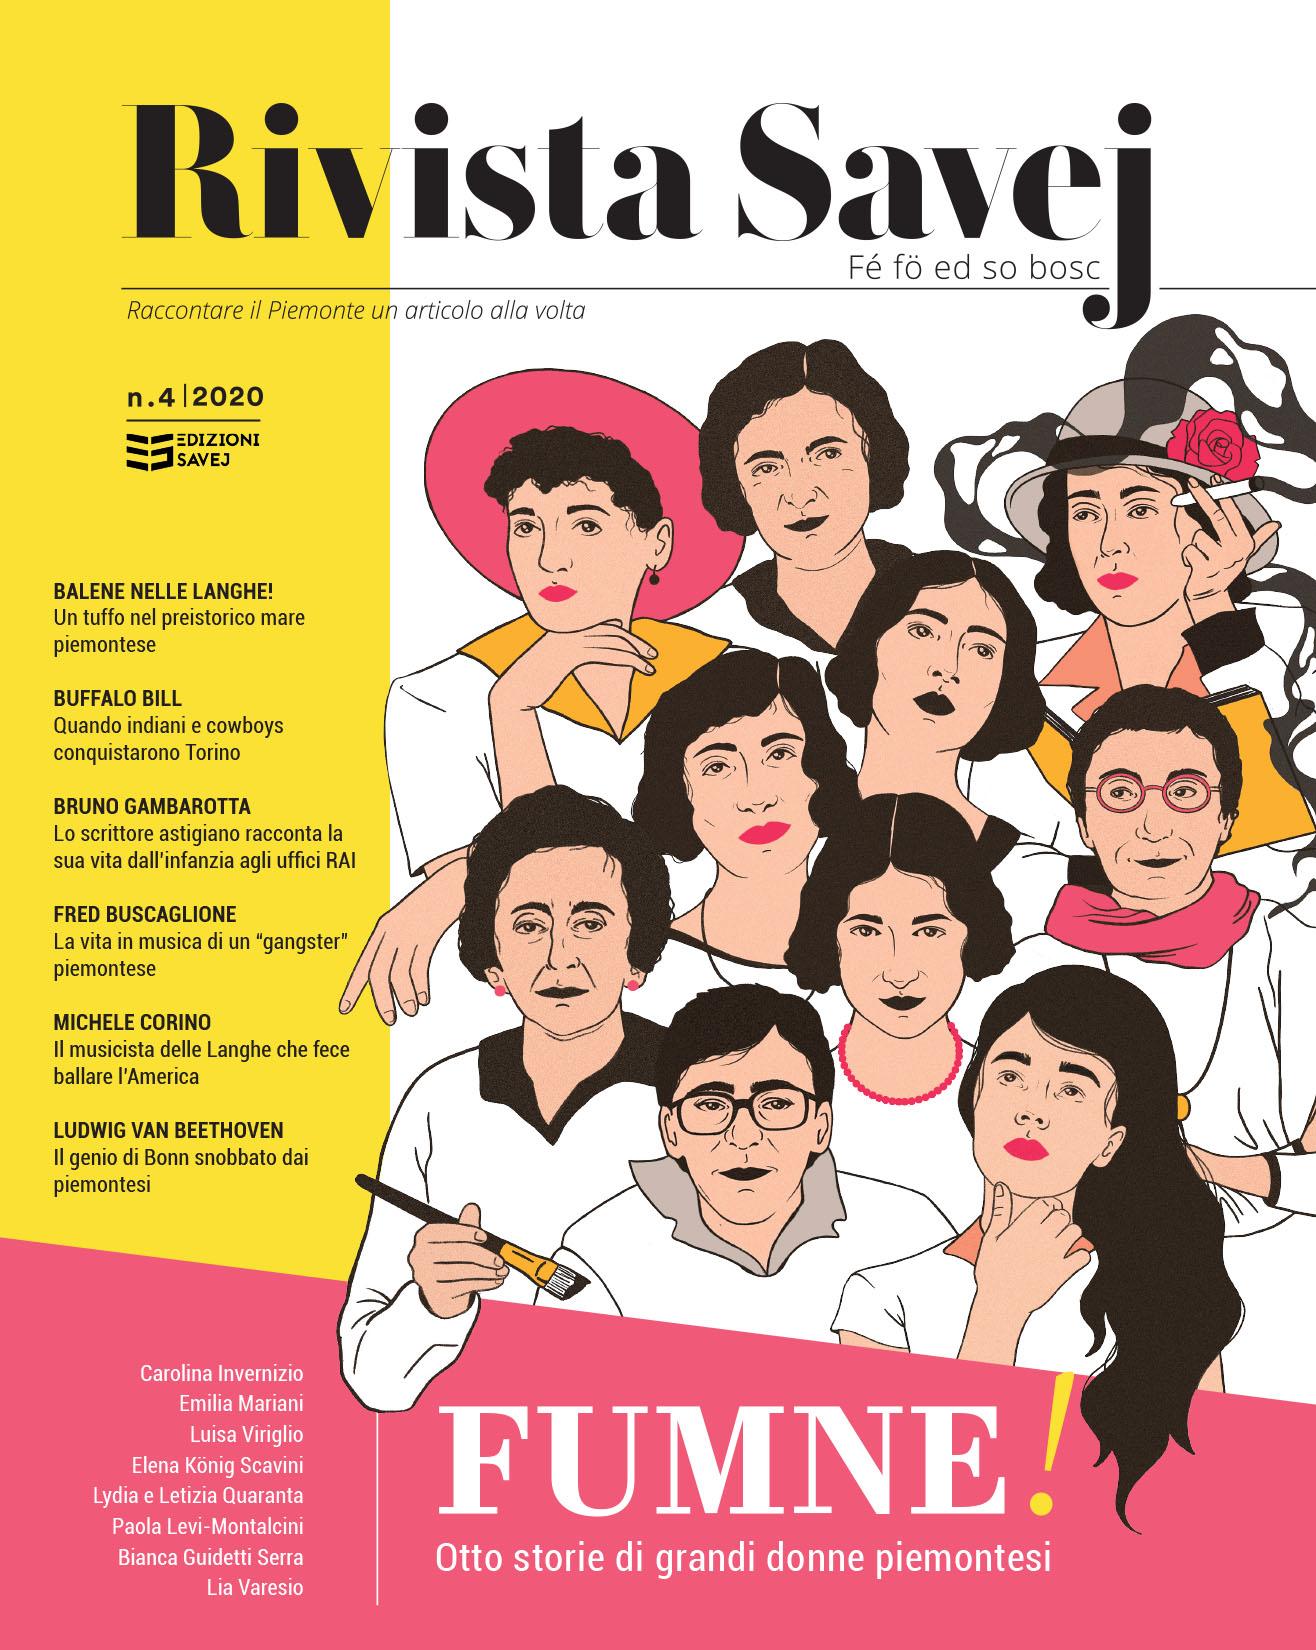 Copertina-rivista-savej-numero-4-per-sito-pagina-editoria